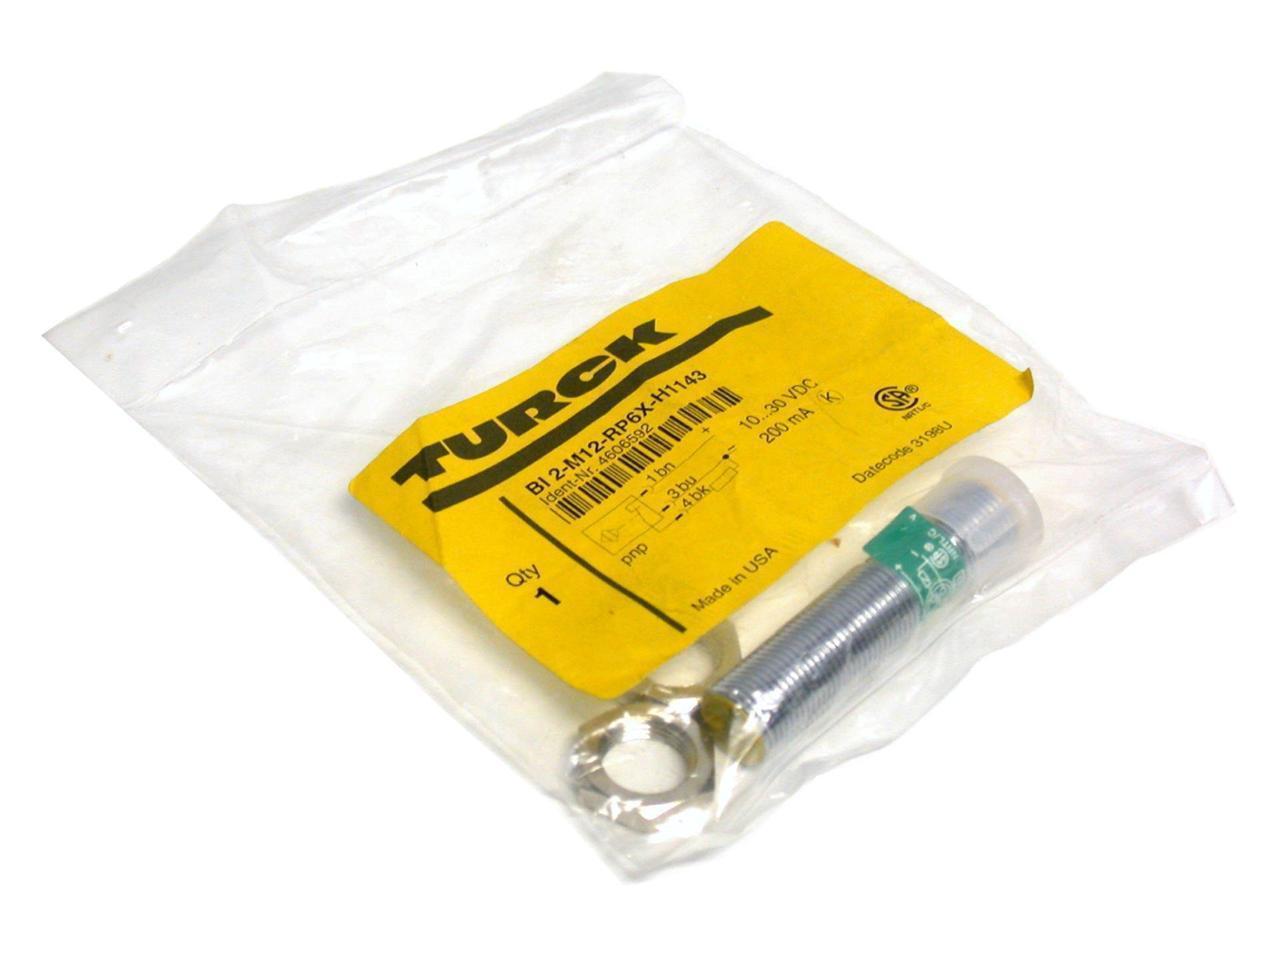 Sonstige Sensoren Business & Industrie Turck Sensor Rk4-2